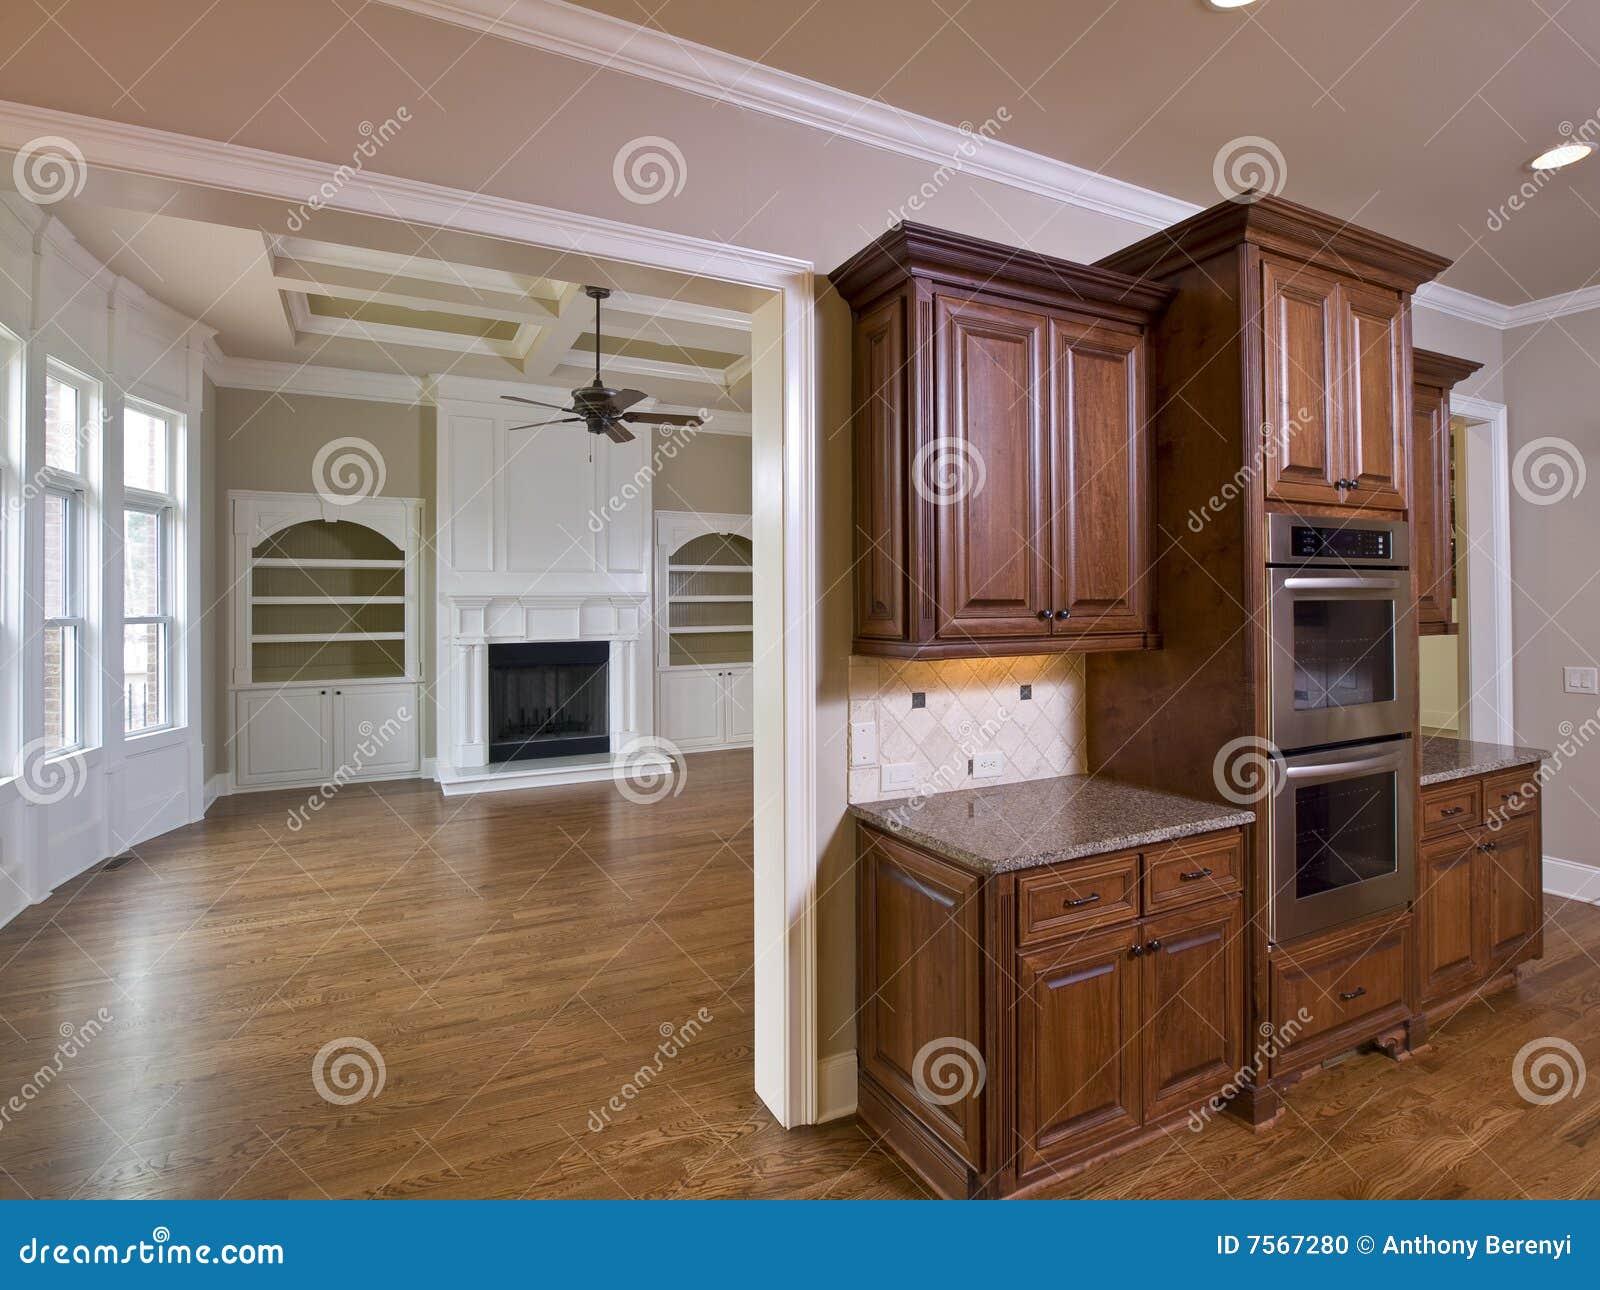 Armadi da cucina e salone interni domestici di lusso con il camino.